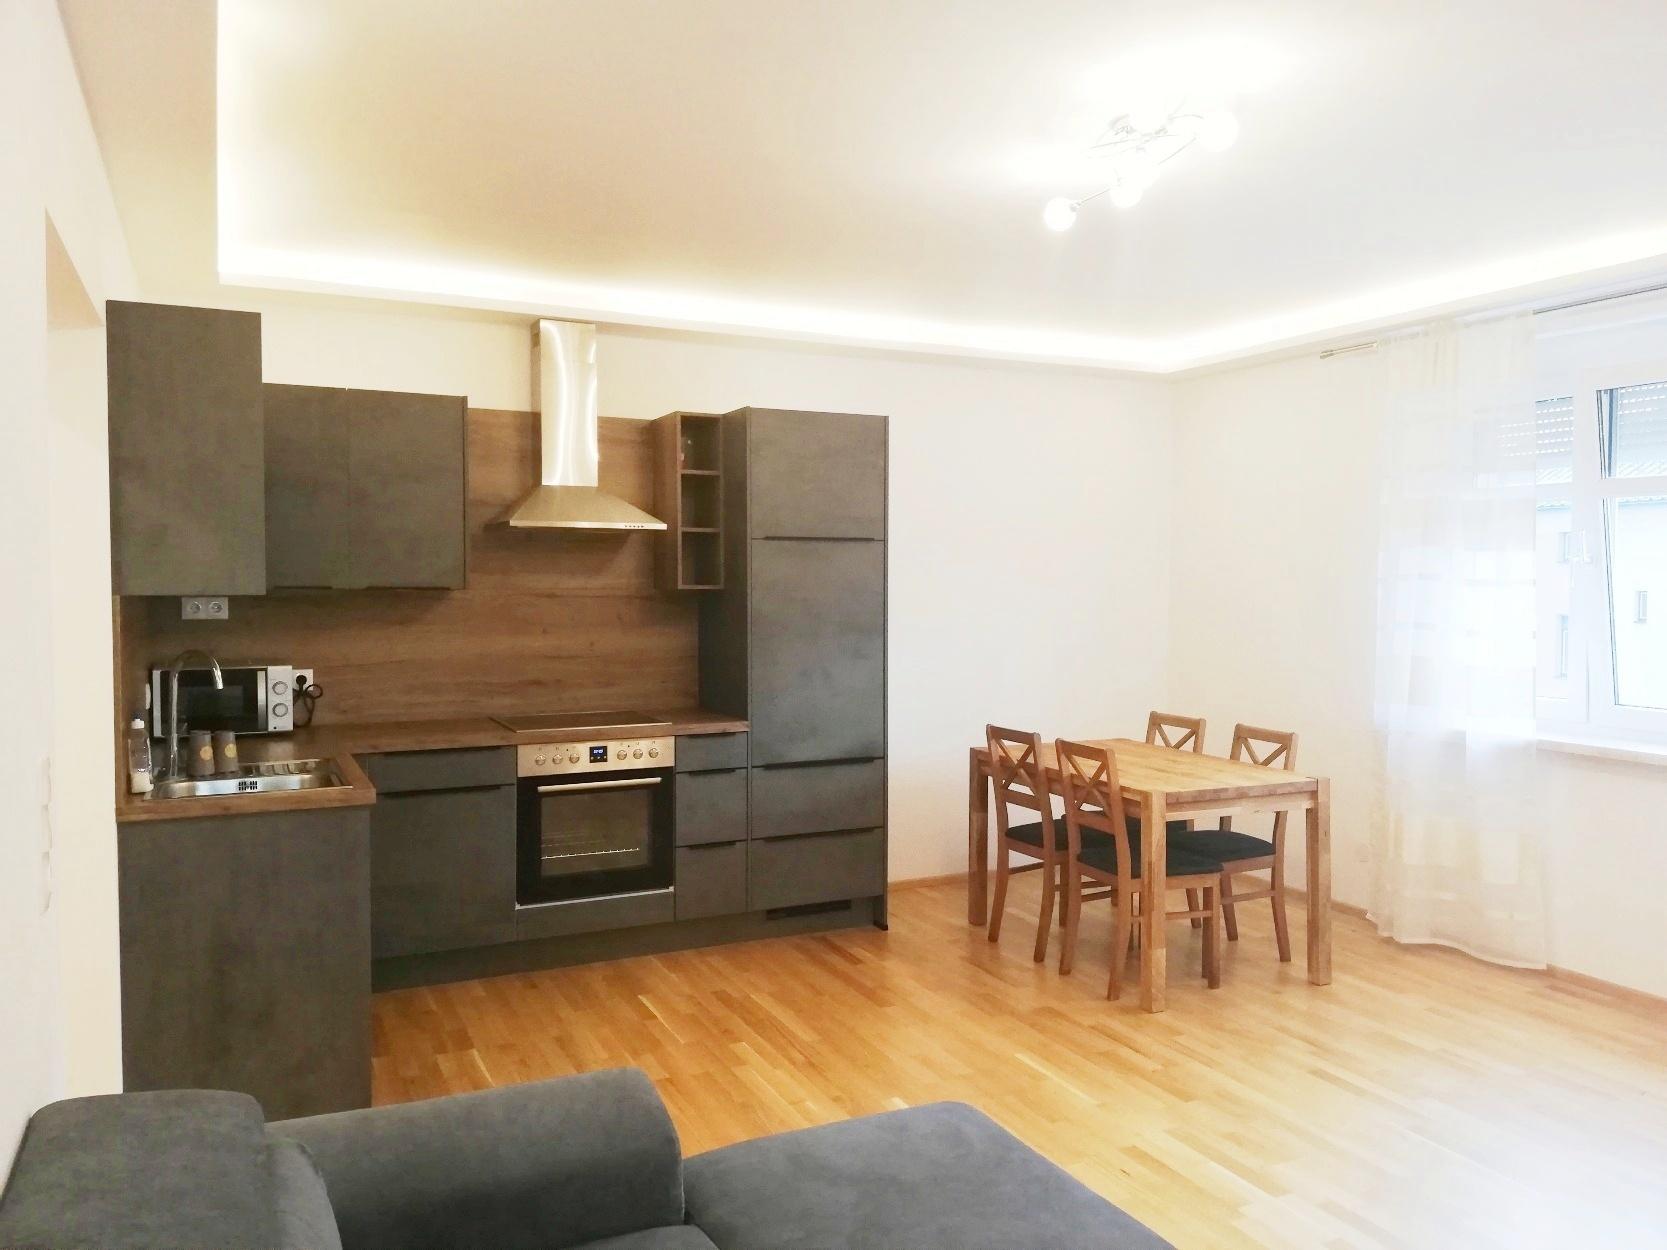 Komplett sanierte, schöne 3-Zimmer-Eigentumswohnung